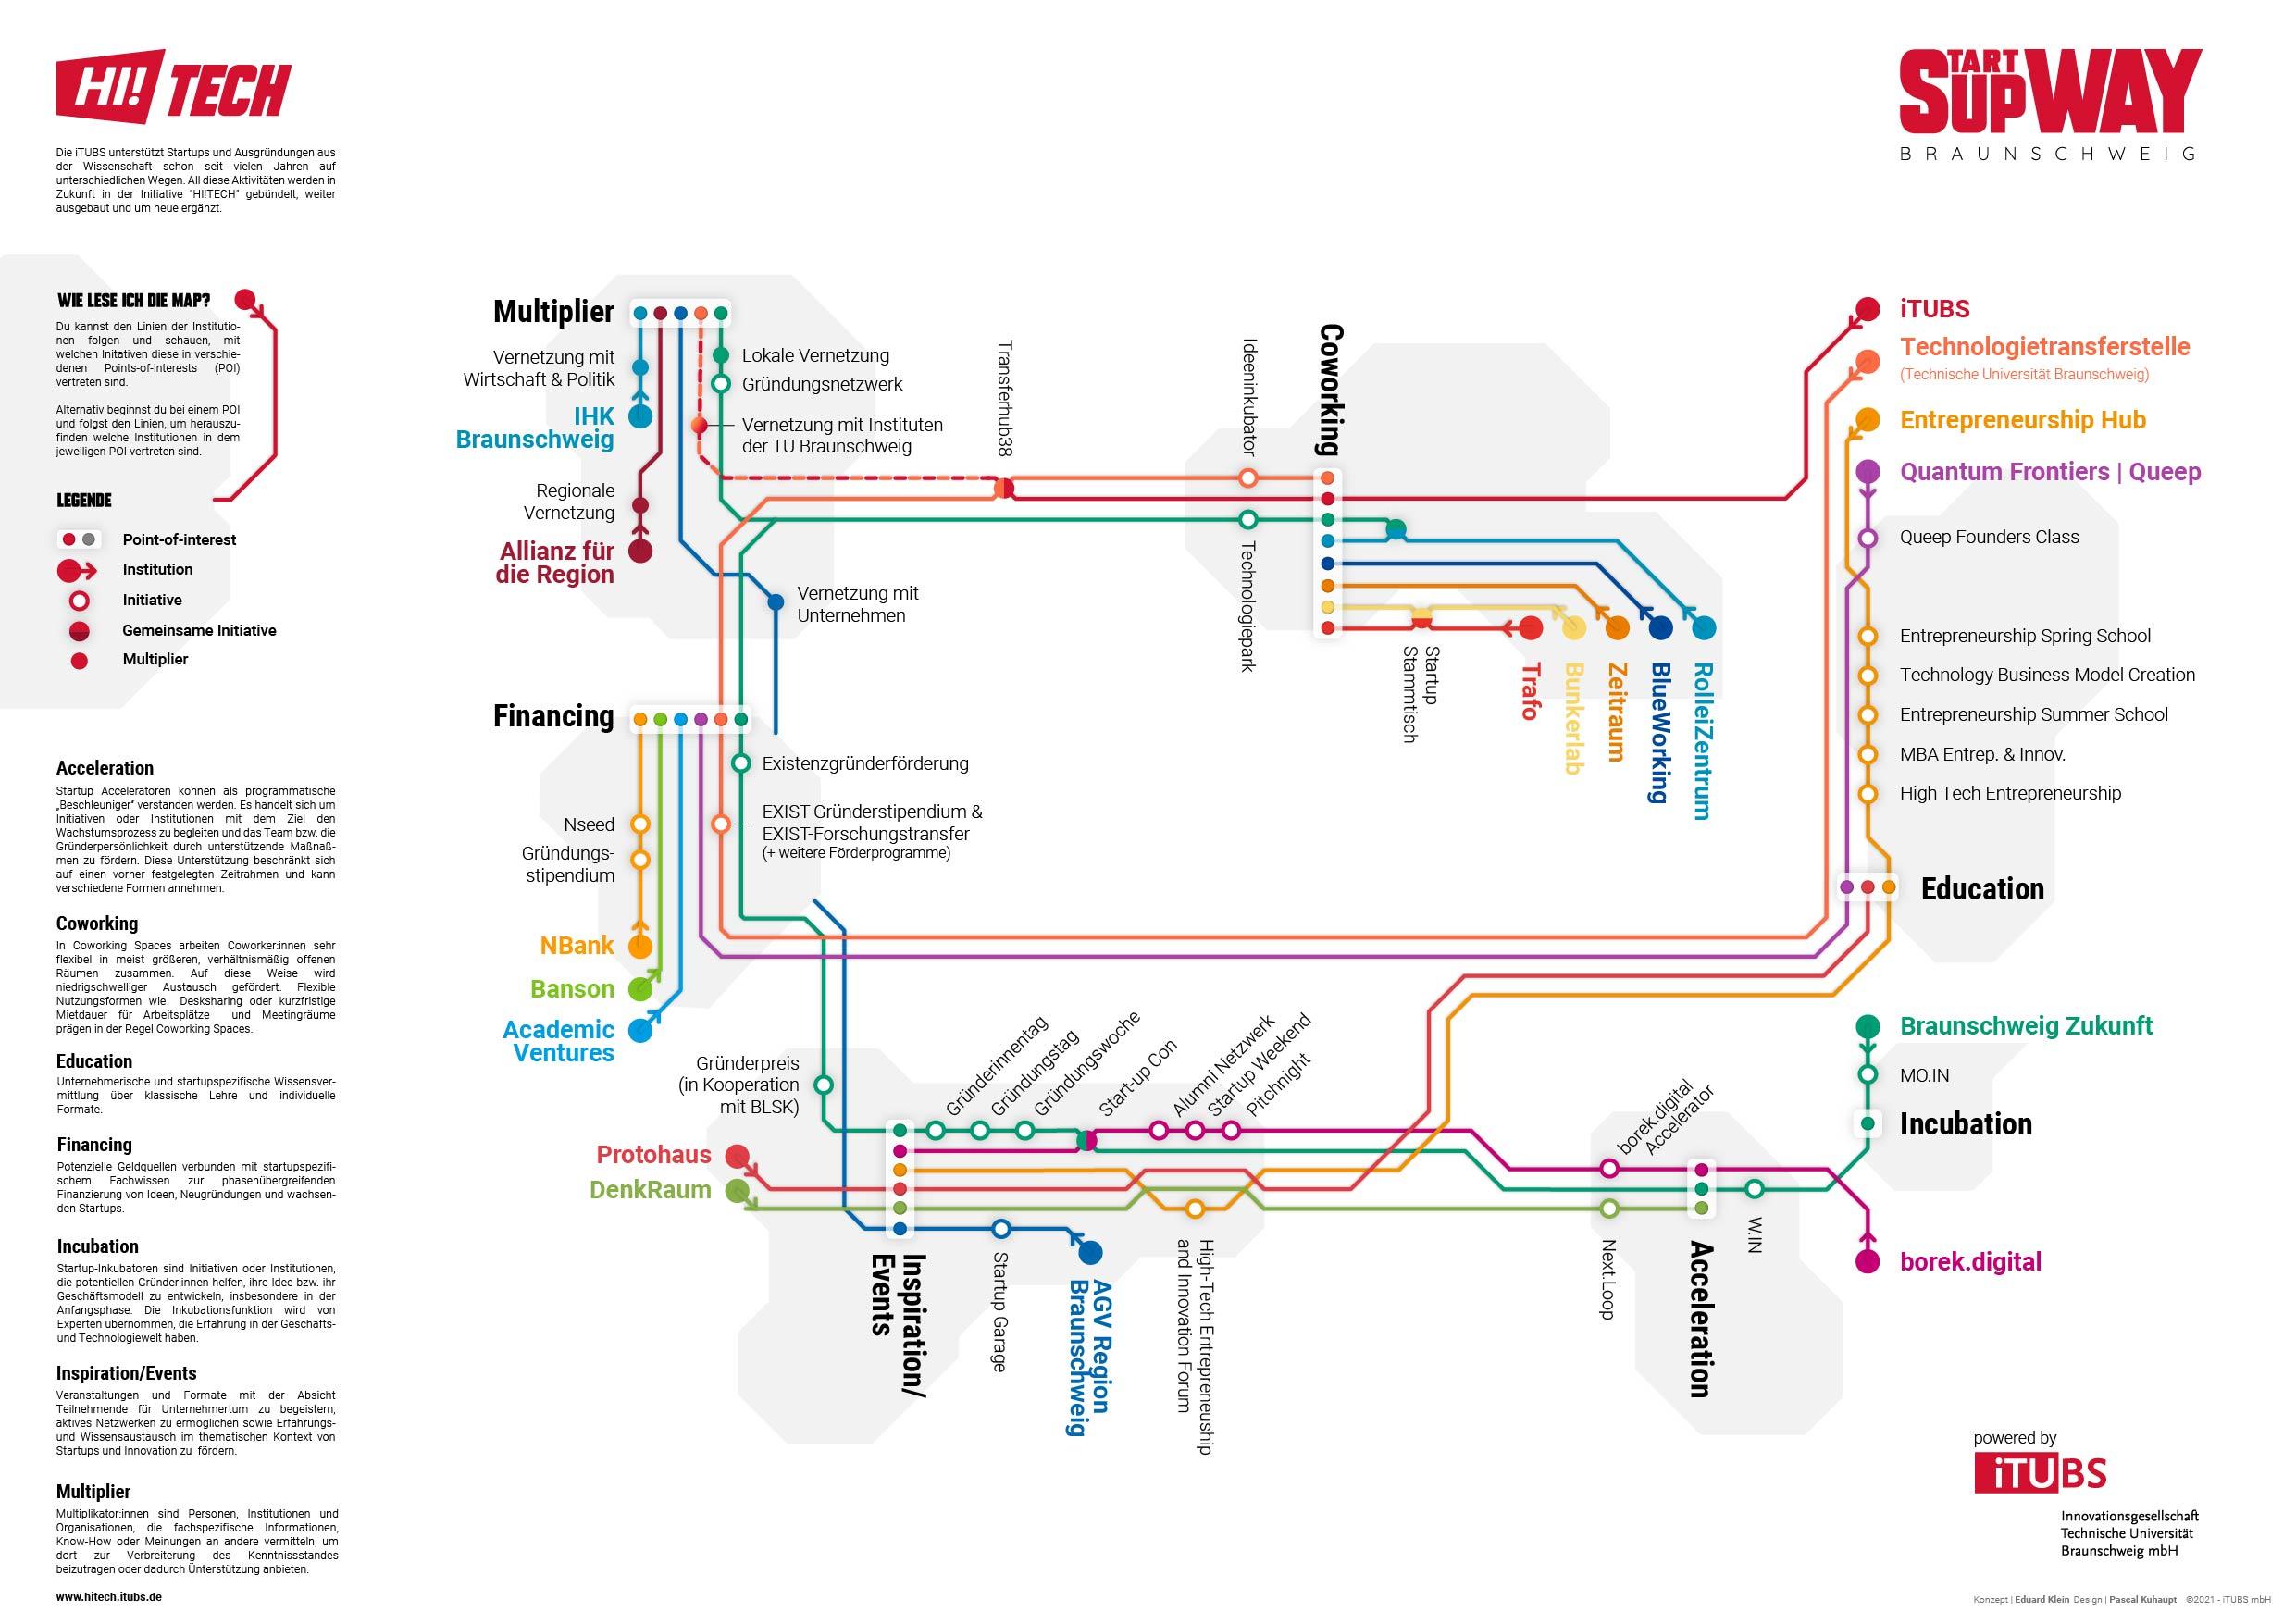 Supway-Map Ökosystem Braunschweig